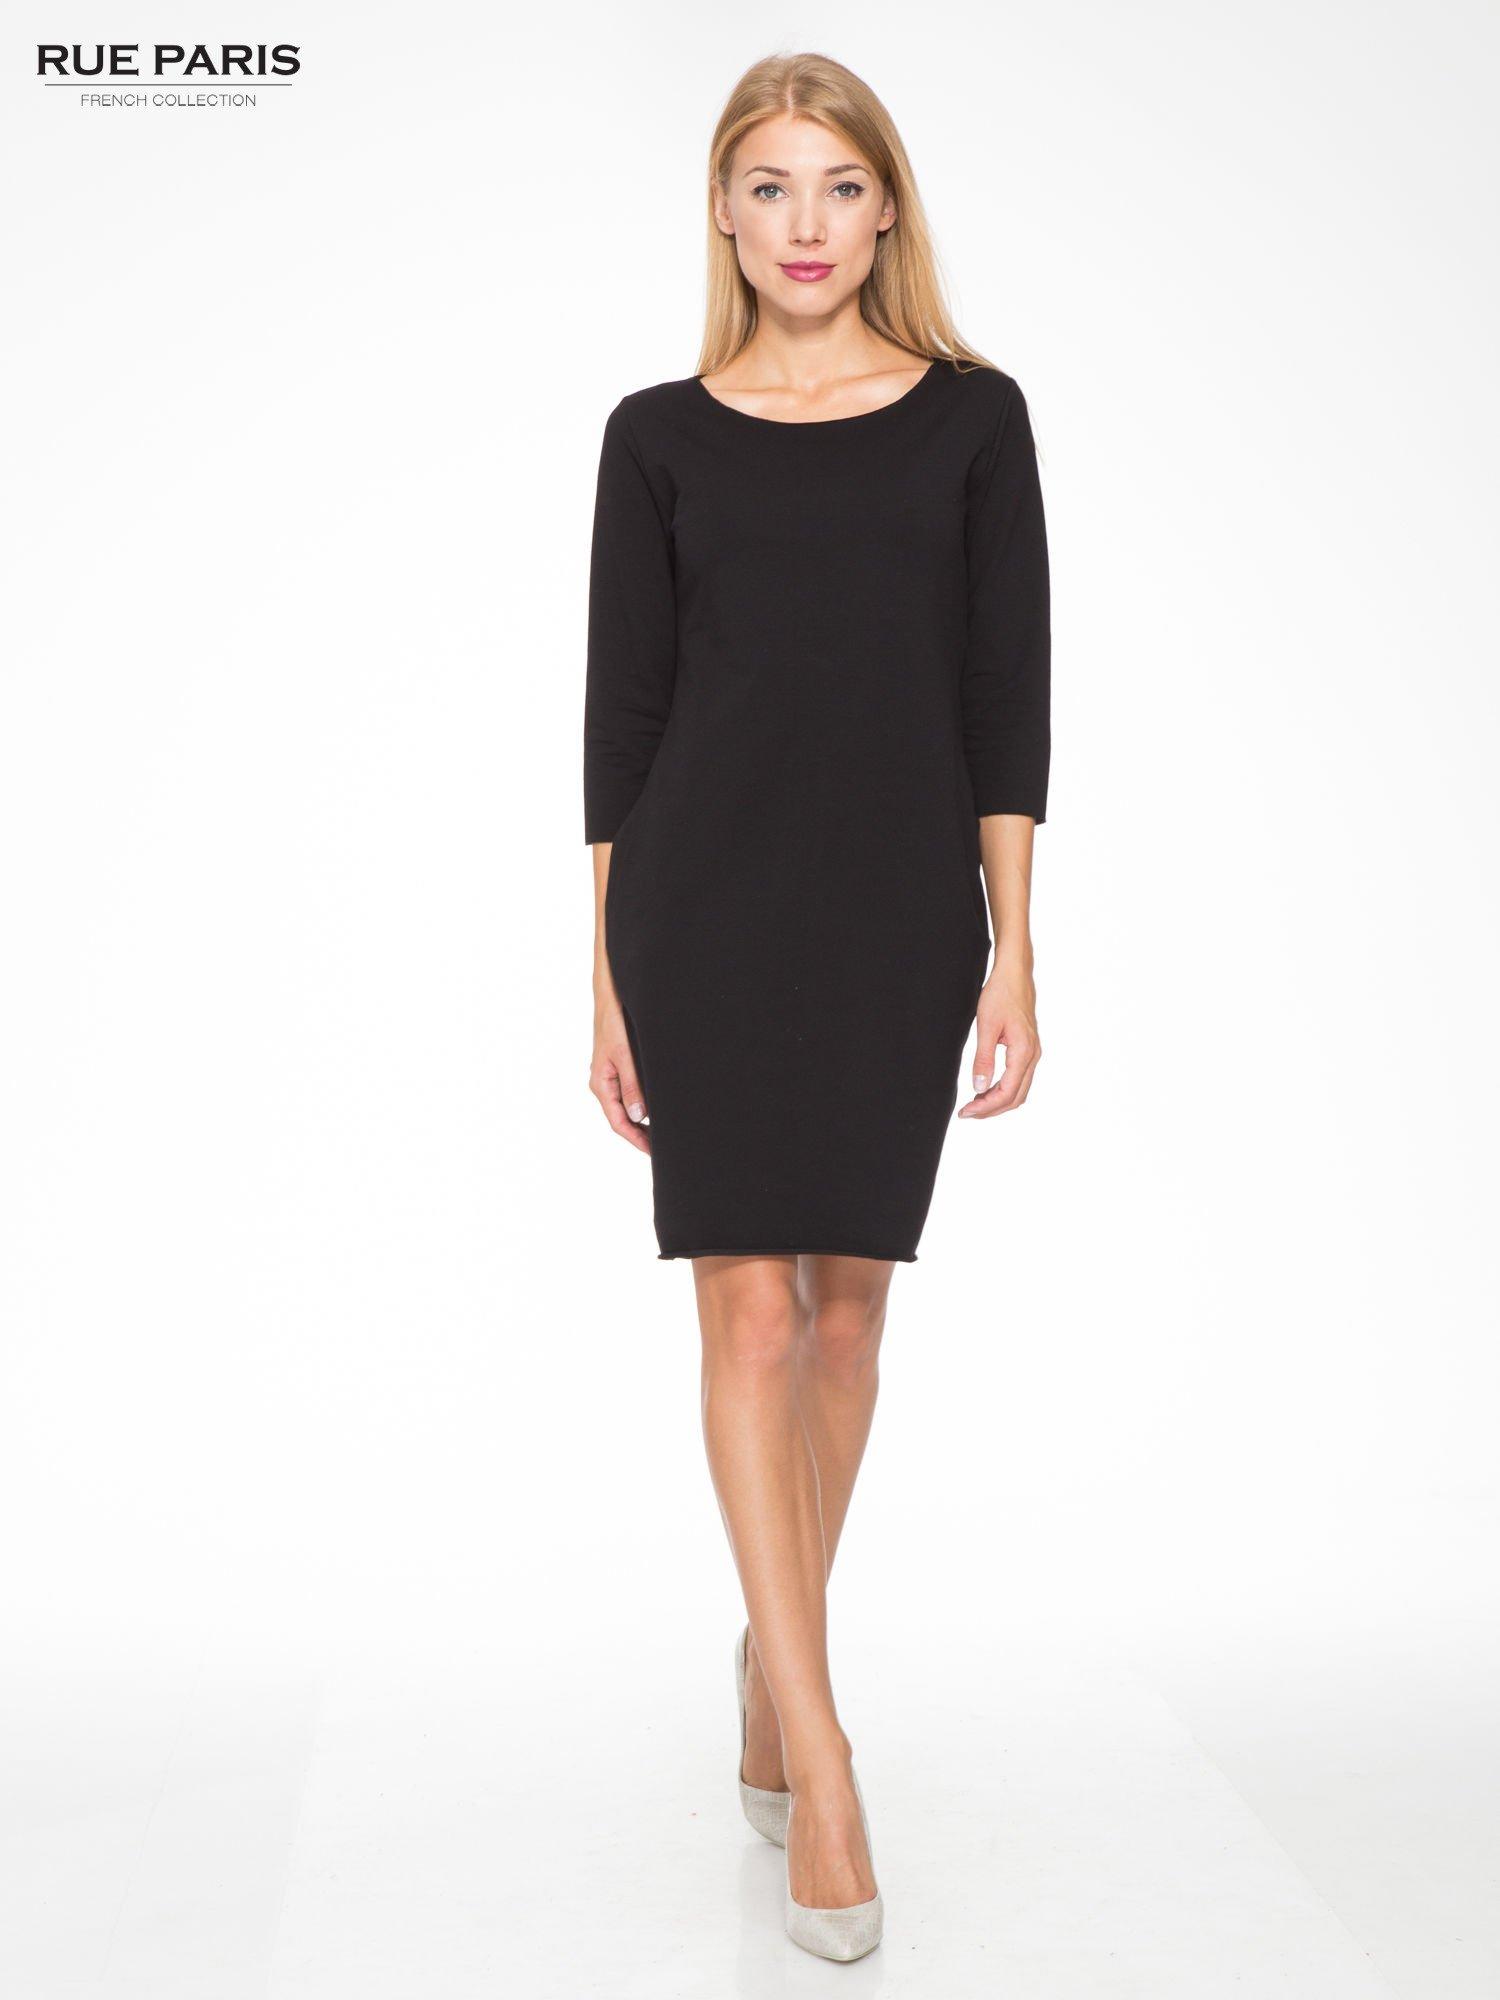 Czarna prosta sukienka z surowym wykończeniem i kieszeniami                                  zdj.                                  2